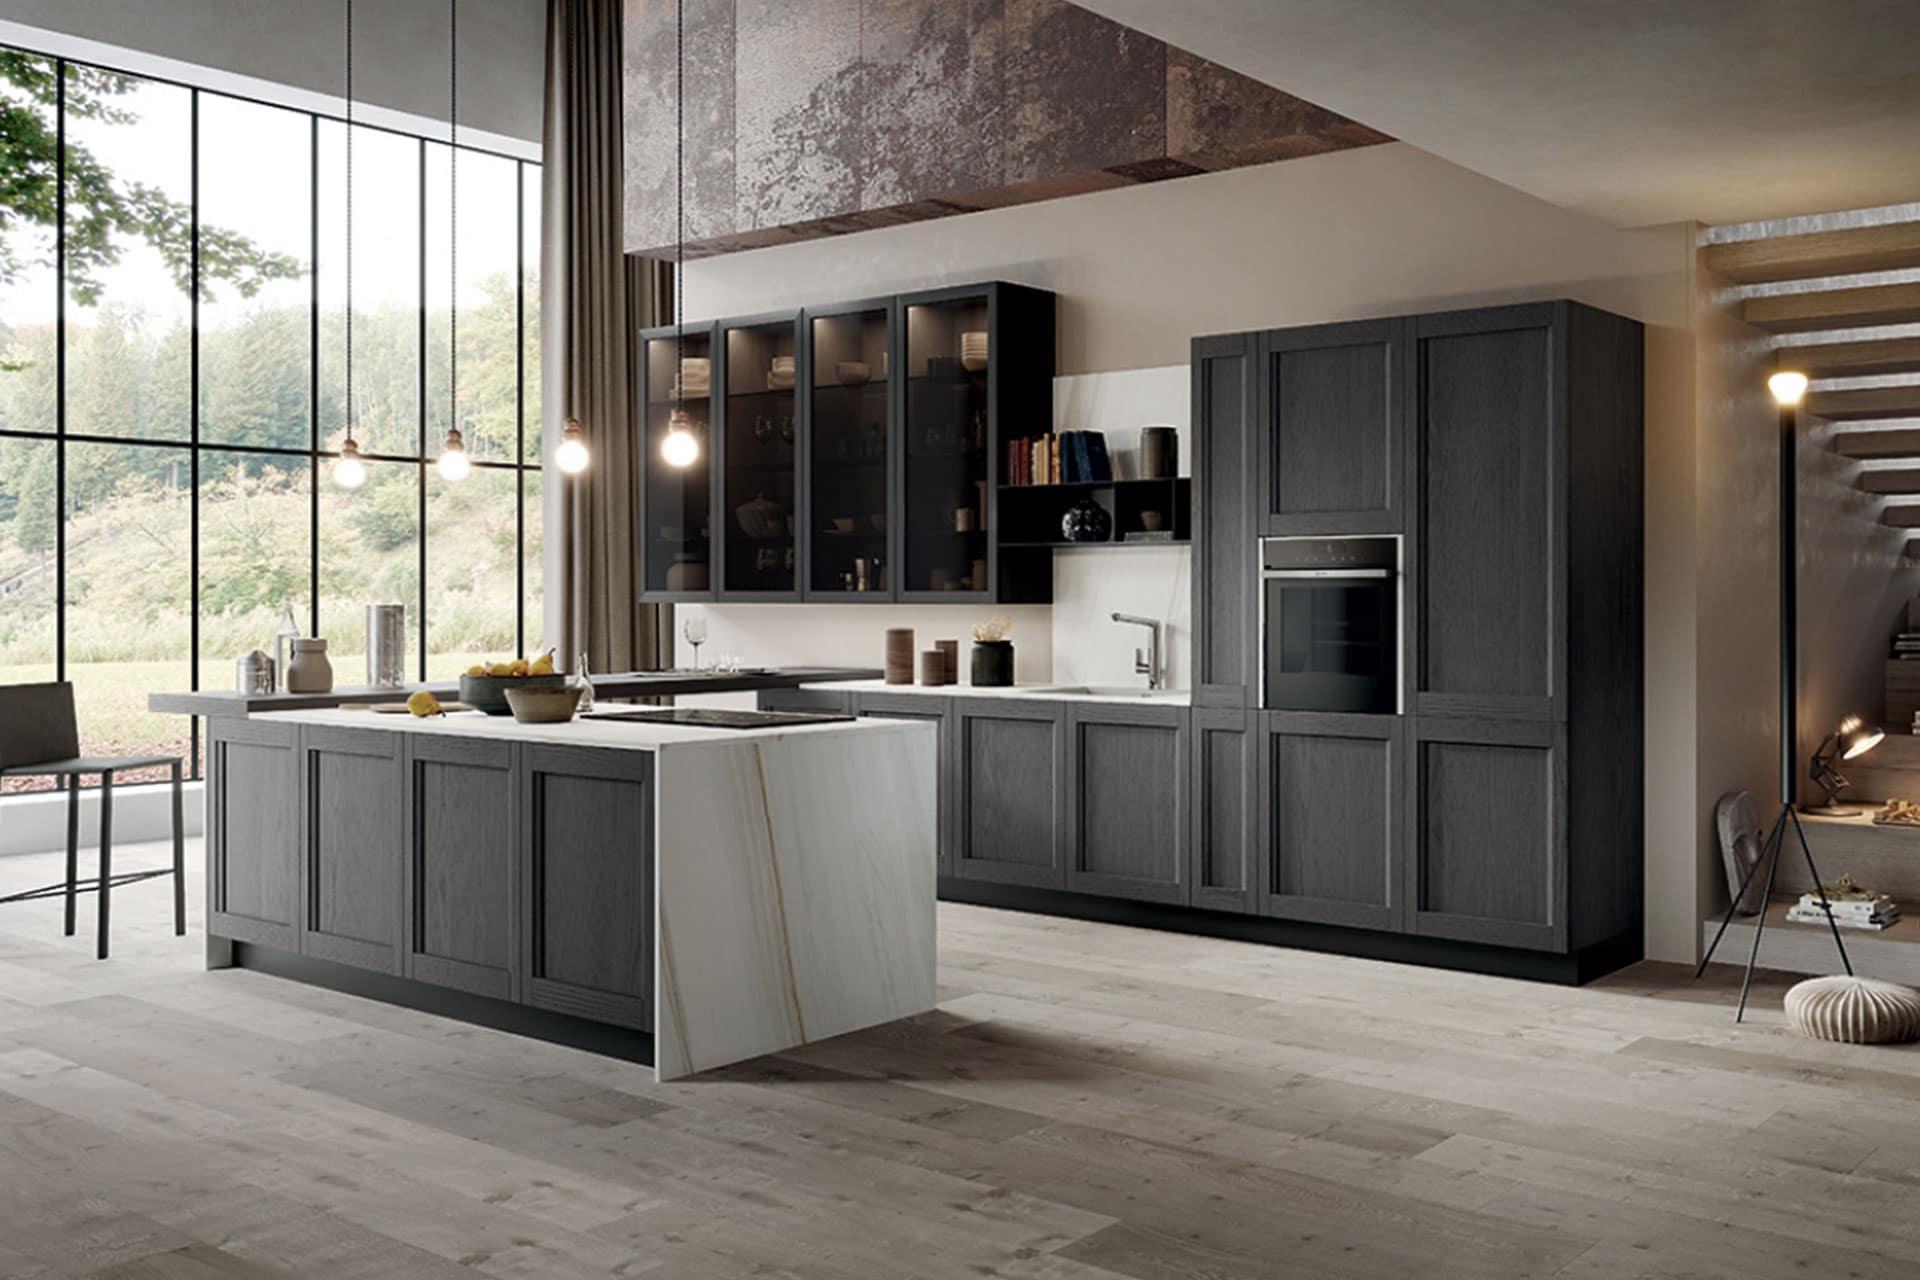 Mobilificio MB Arreda Progettazione e realizzazione di Cucine su misura e rivendita dei migliori marchi Made in Italy